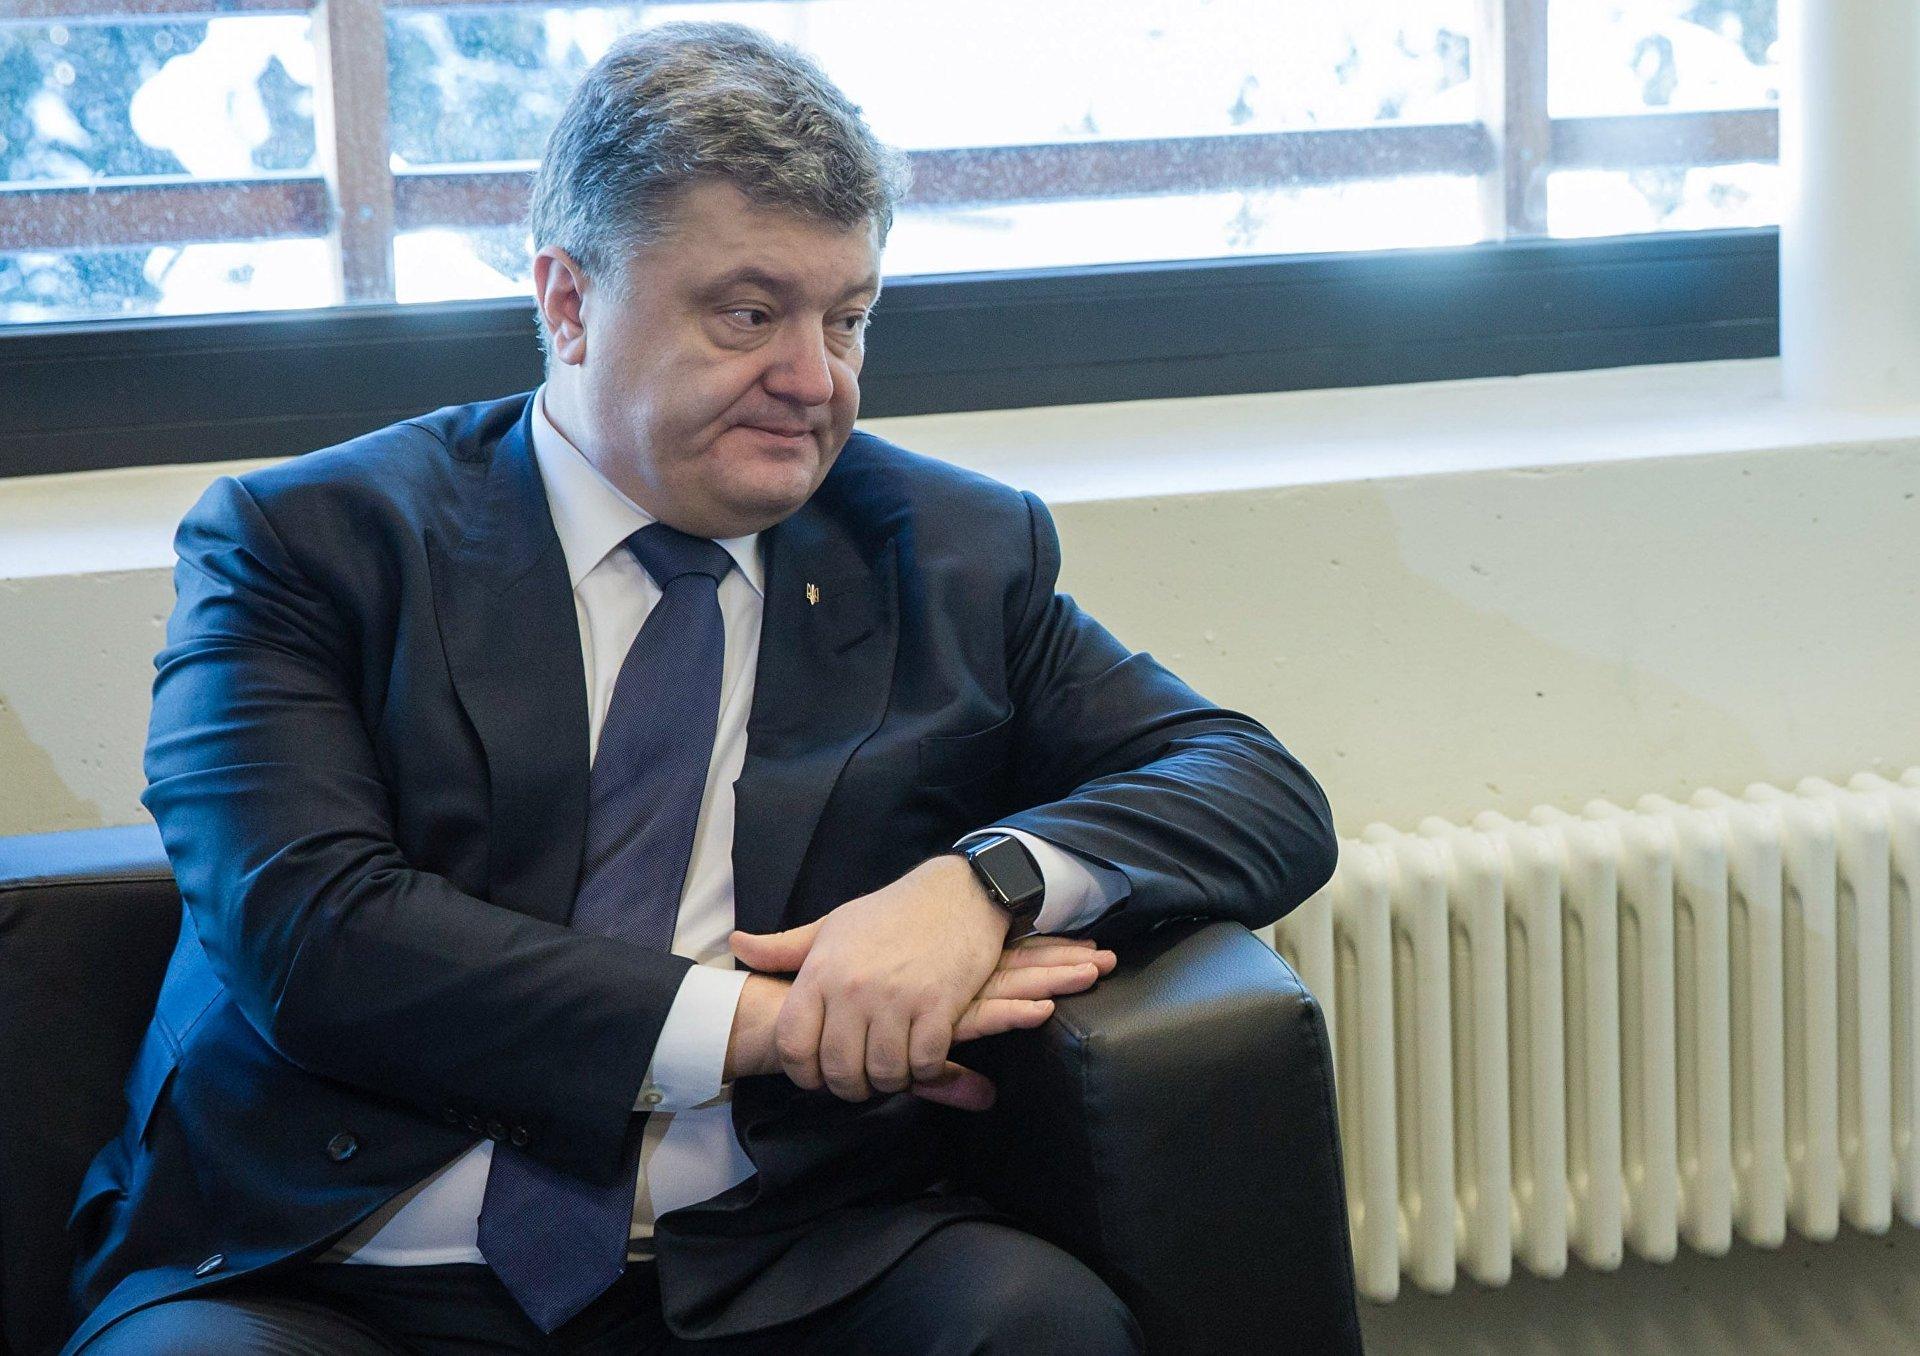 http://ukraina.ru/images/101816/28/1018162816.jpg